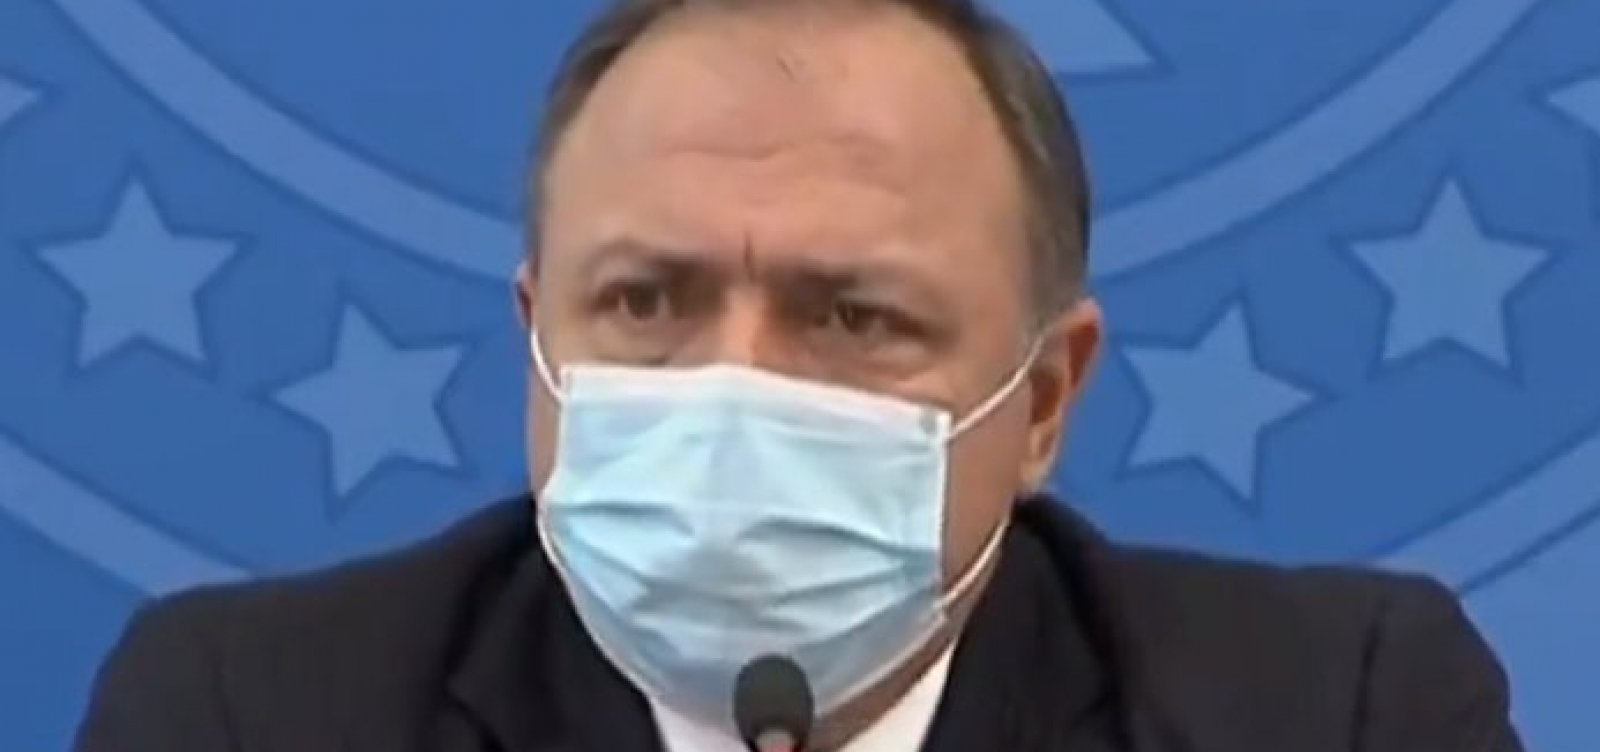 [Pazuello anuncia contrato com o Butantan para fornecimento de 100 milhões de doses da Coronavac ]